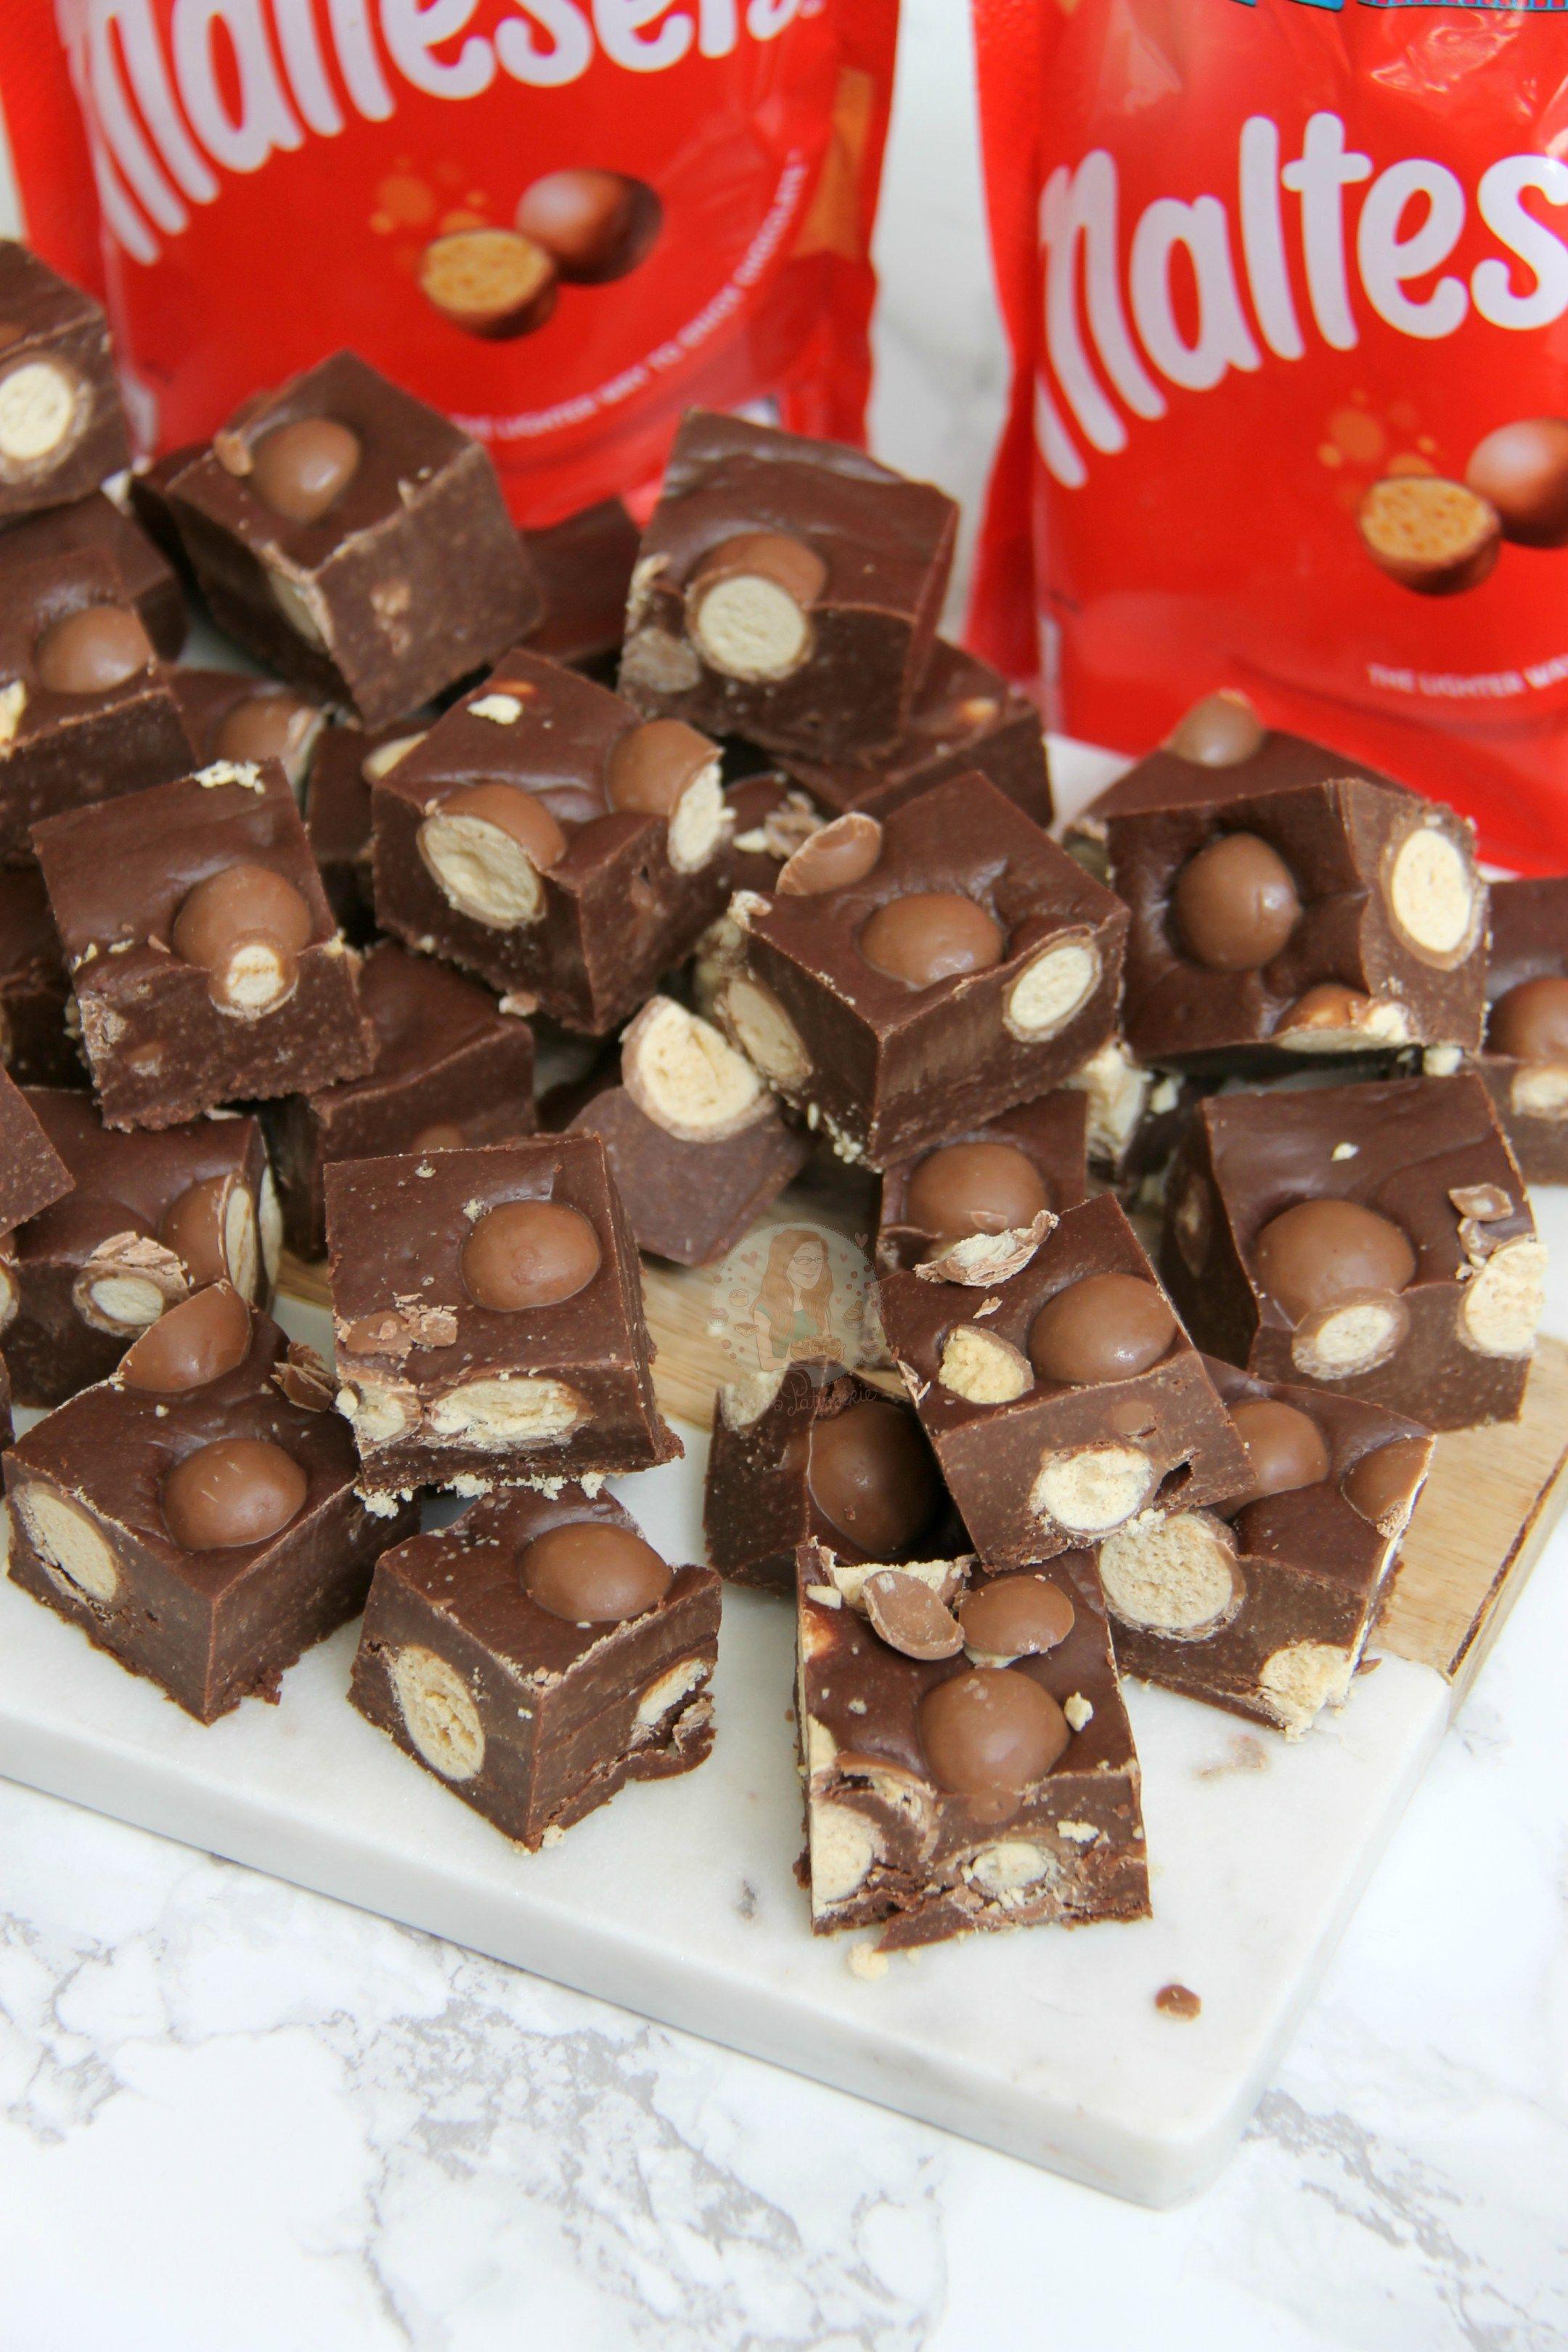 Easy Condensed Milk Malt Chocolate Fudge Full Of Maltesers Quick Delicious No Sugar Thermometers My Favo Fudge Recipes Fudge Recipes Chocolate Milk Recipes